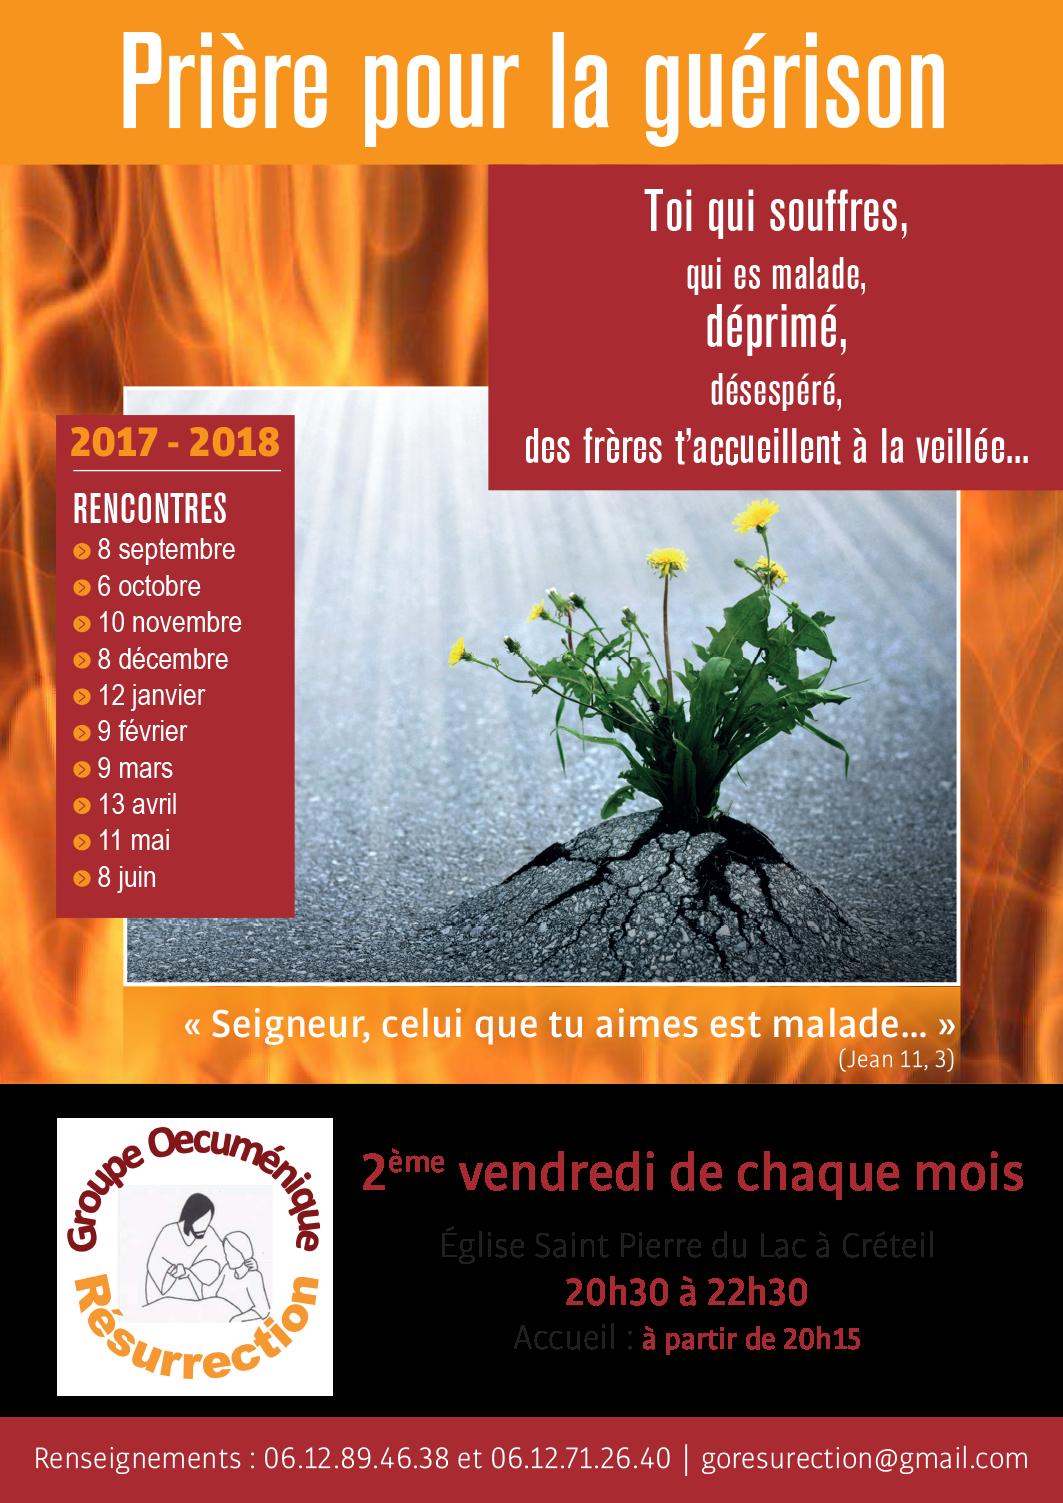 v1-affiche-a3-priere_de_guerison